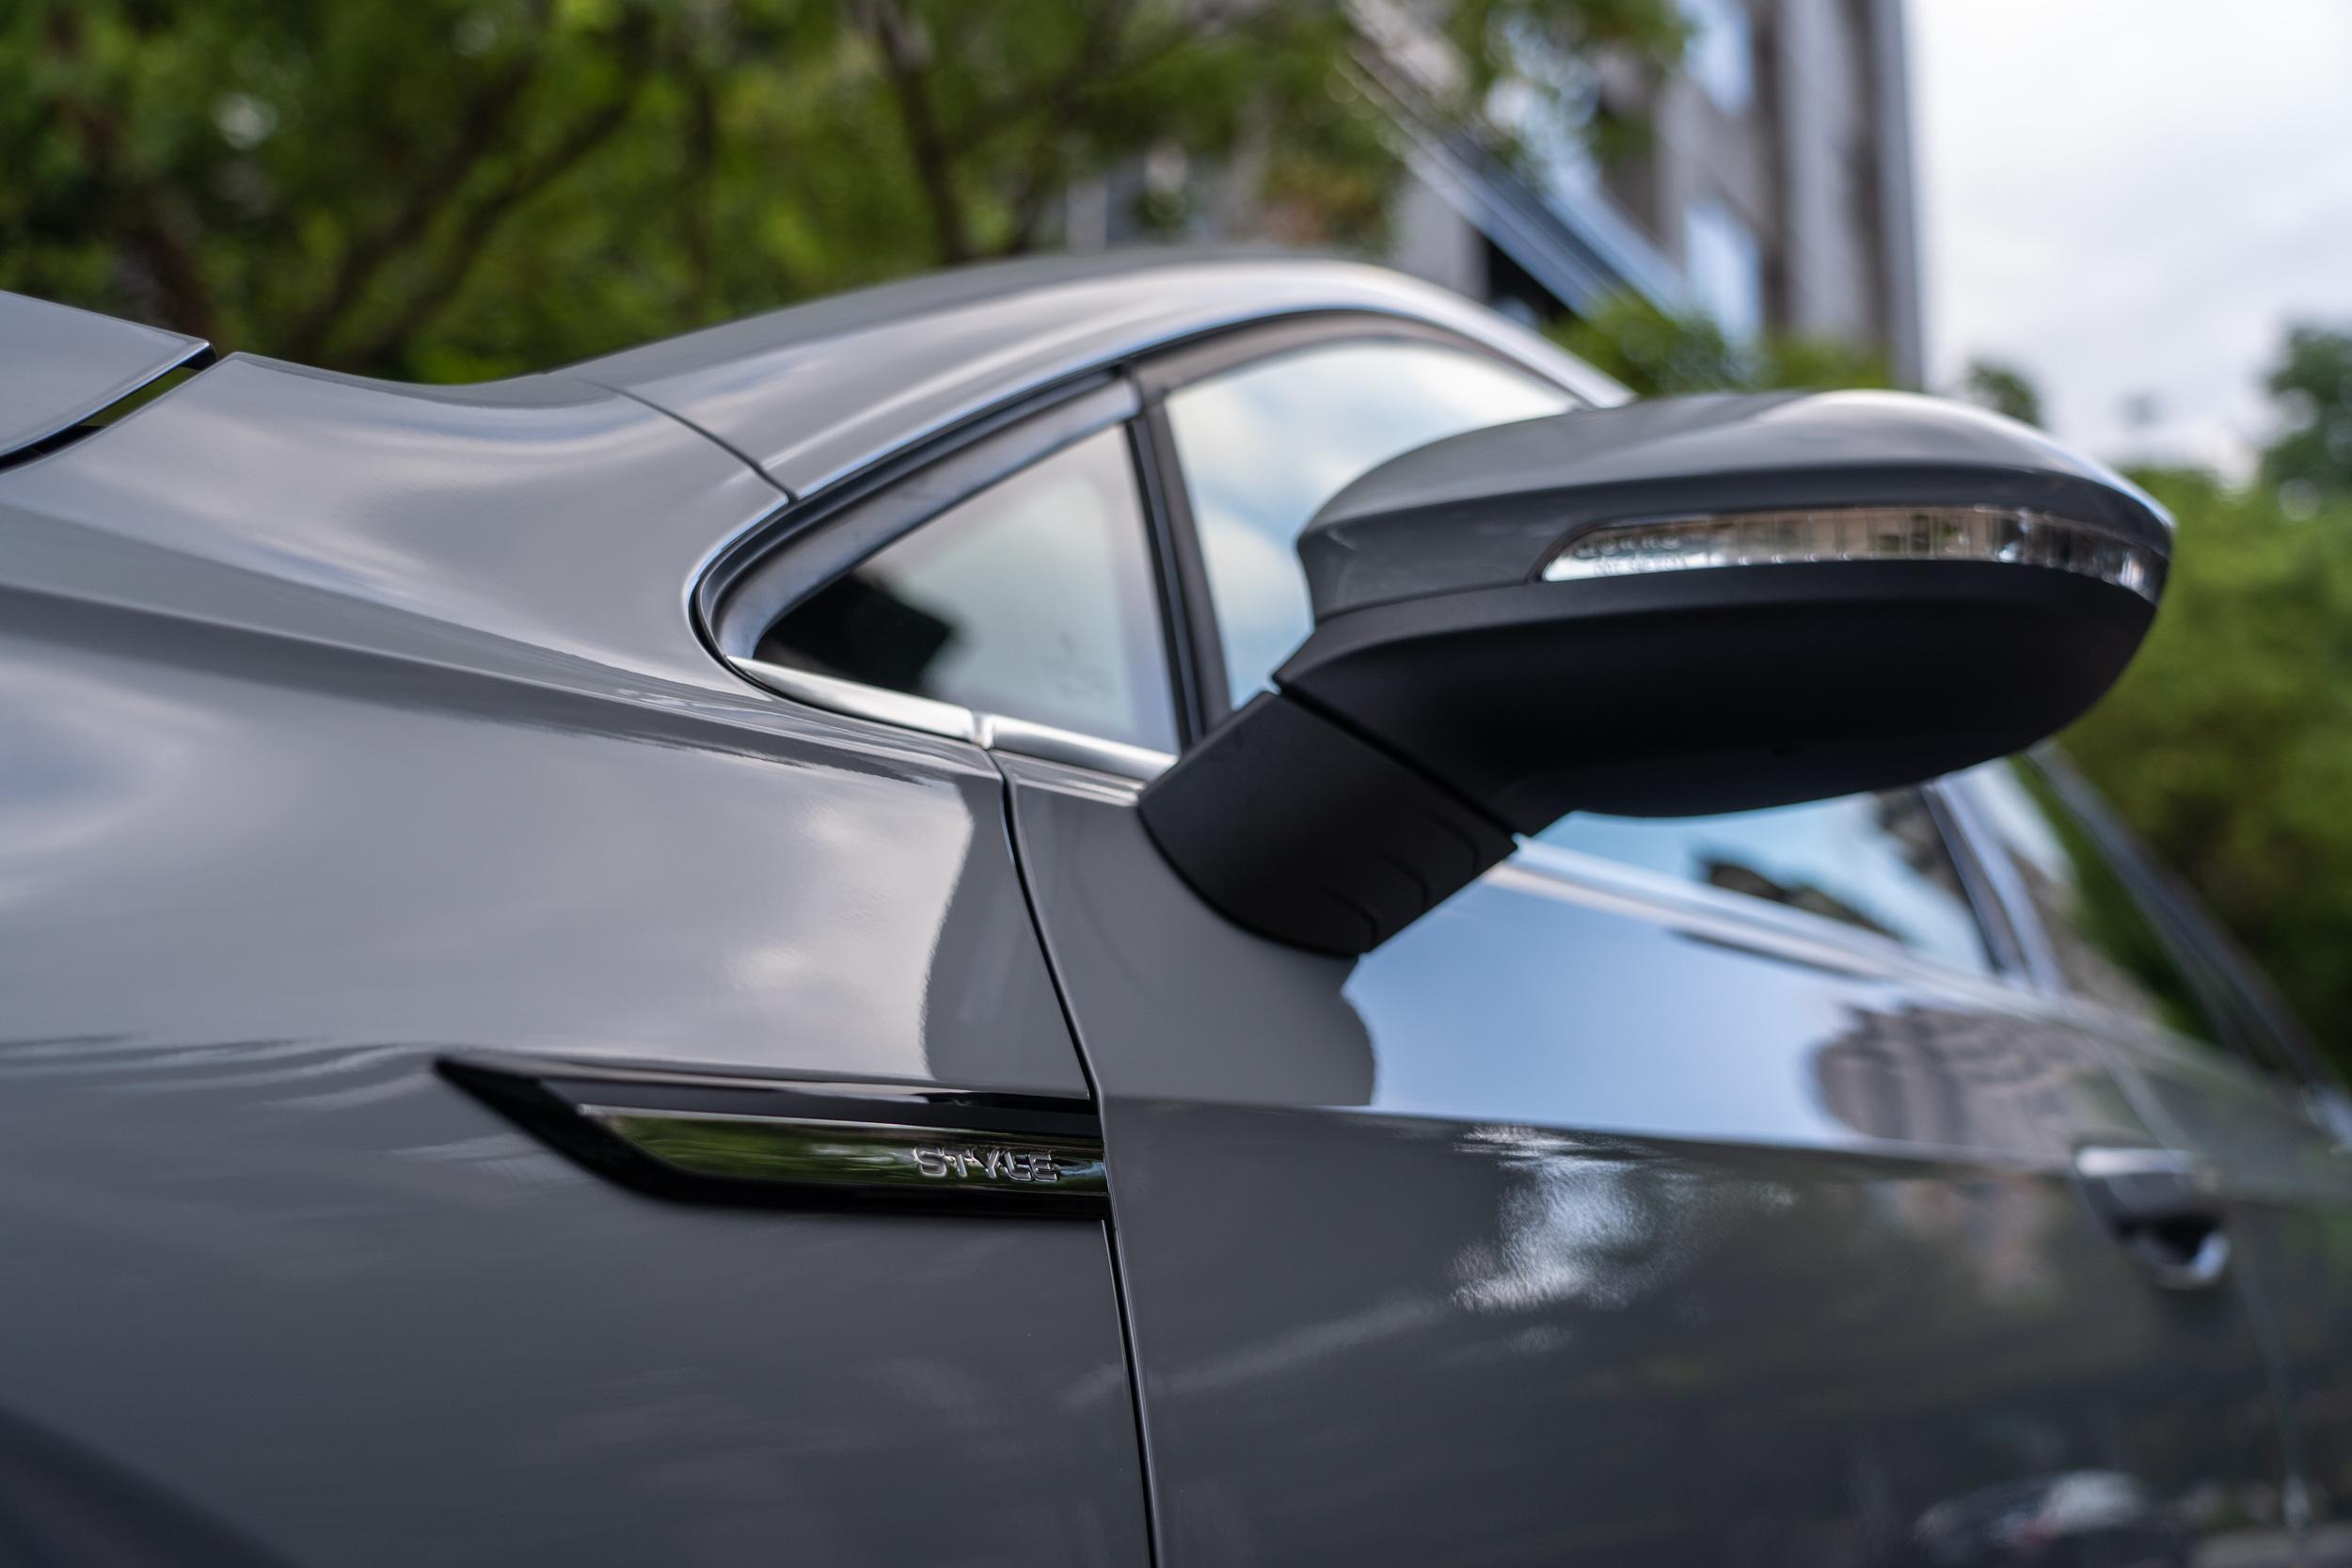 前葉子板上有著標明「STYLE」的車身銘牌。